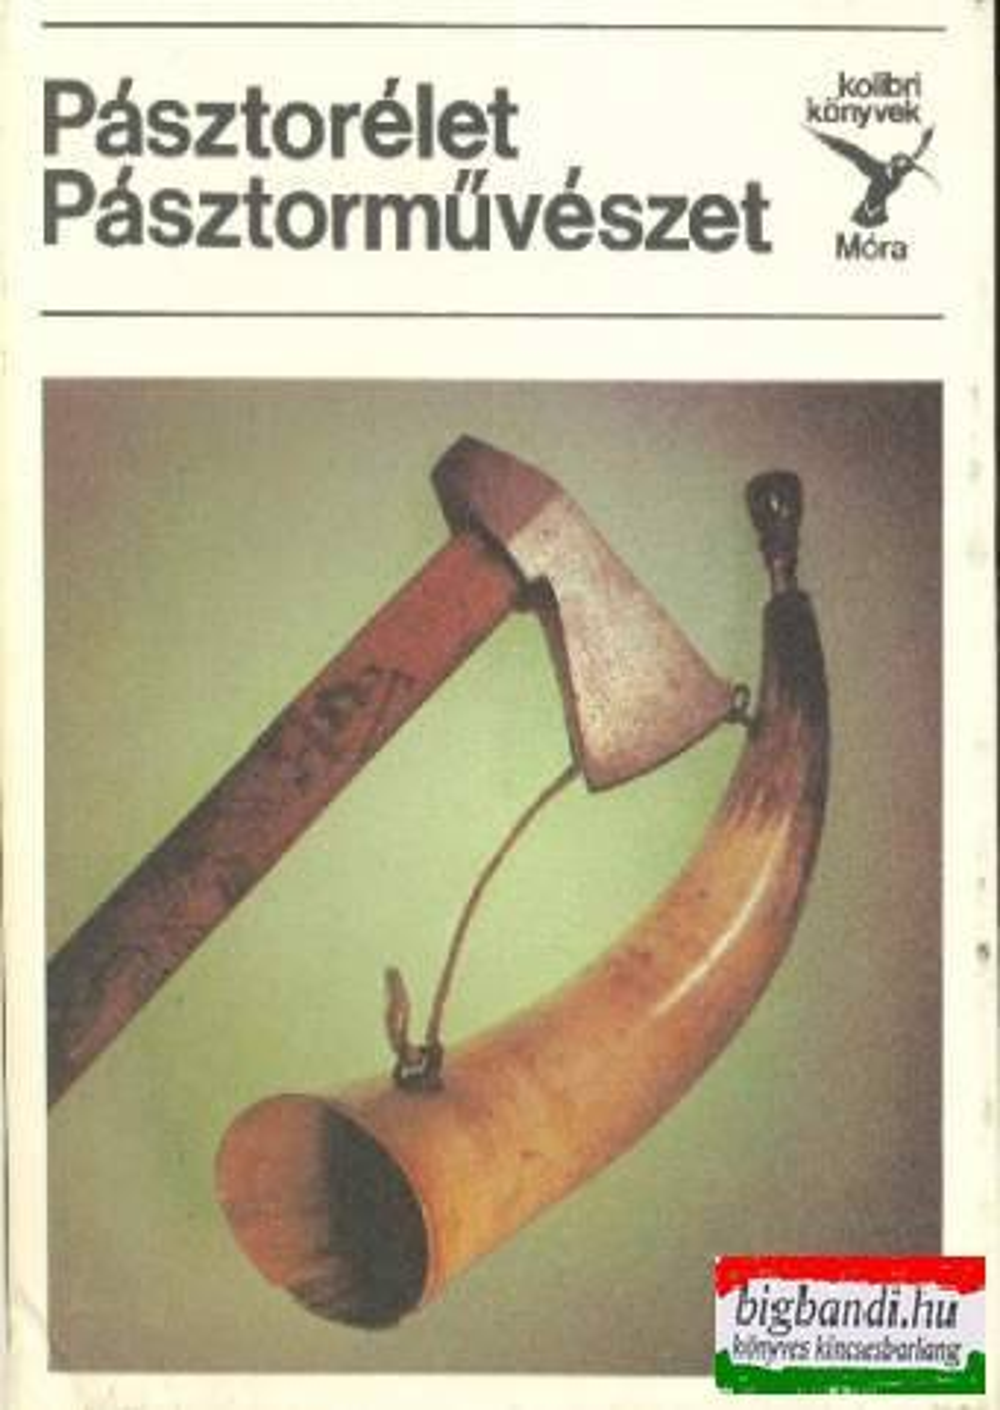 S. Kovács Ilona - Pásztorélet, pásztorművészet (kolibri könyvek)